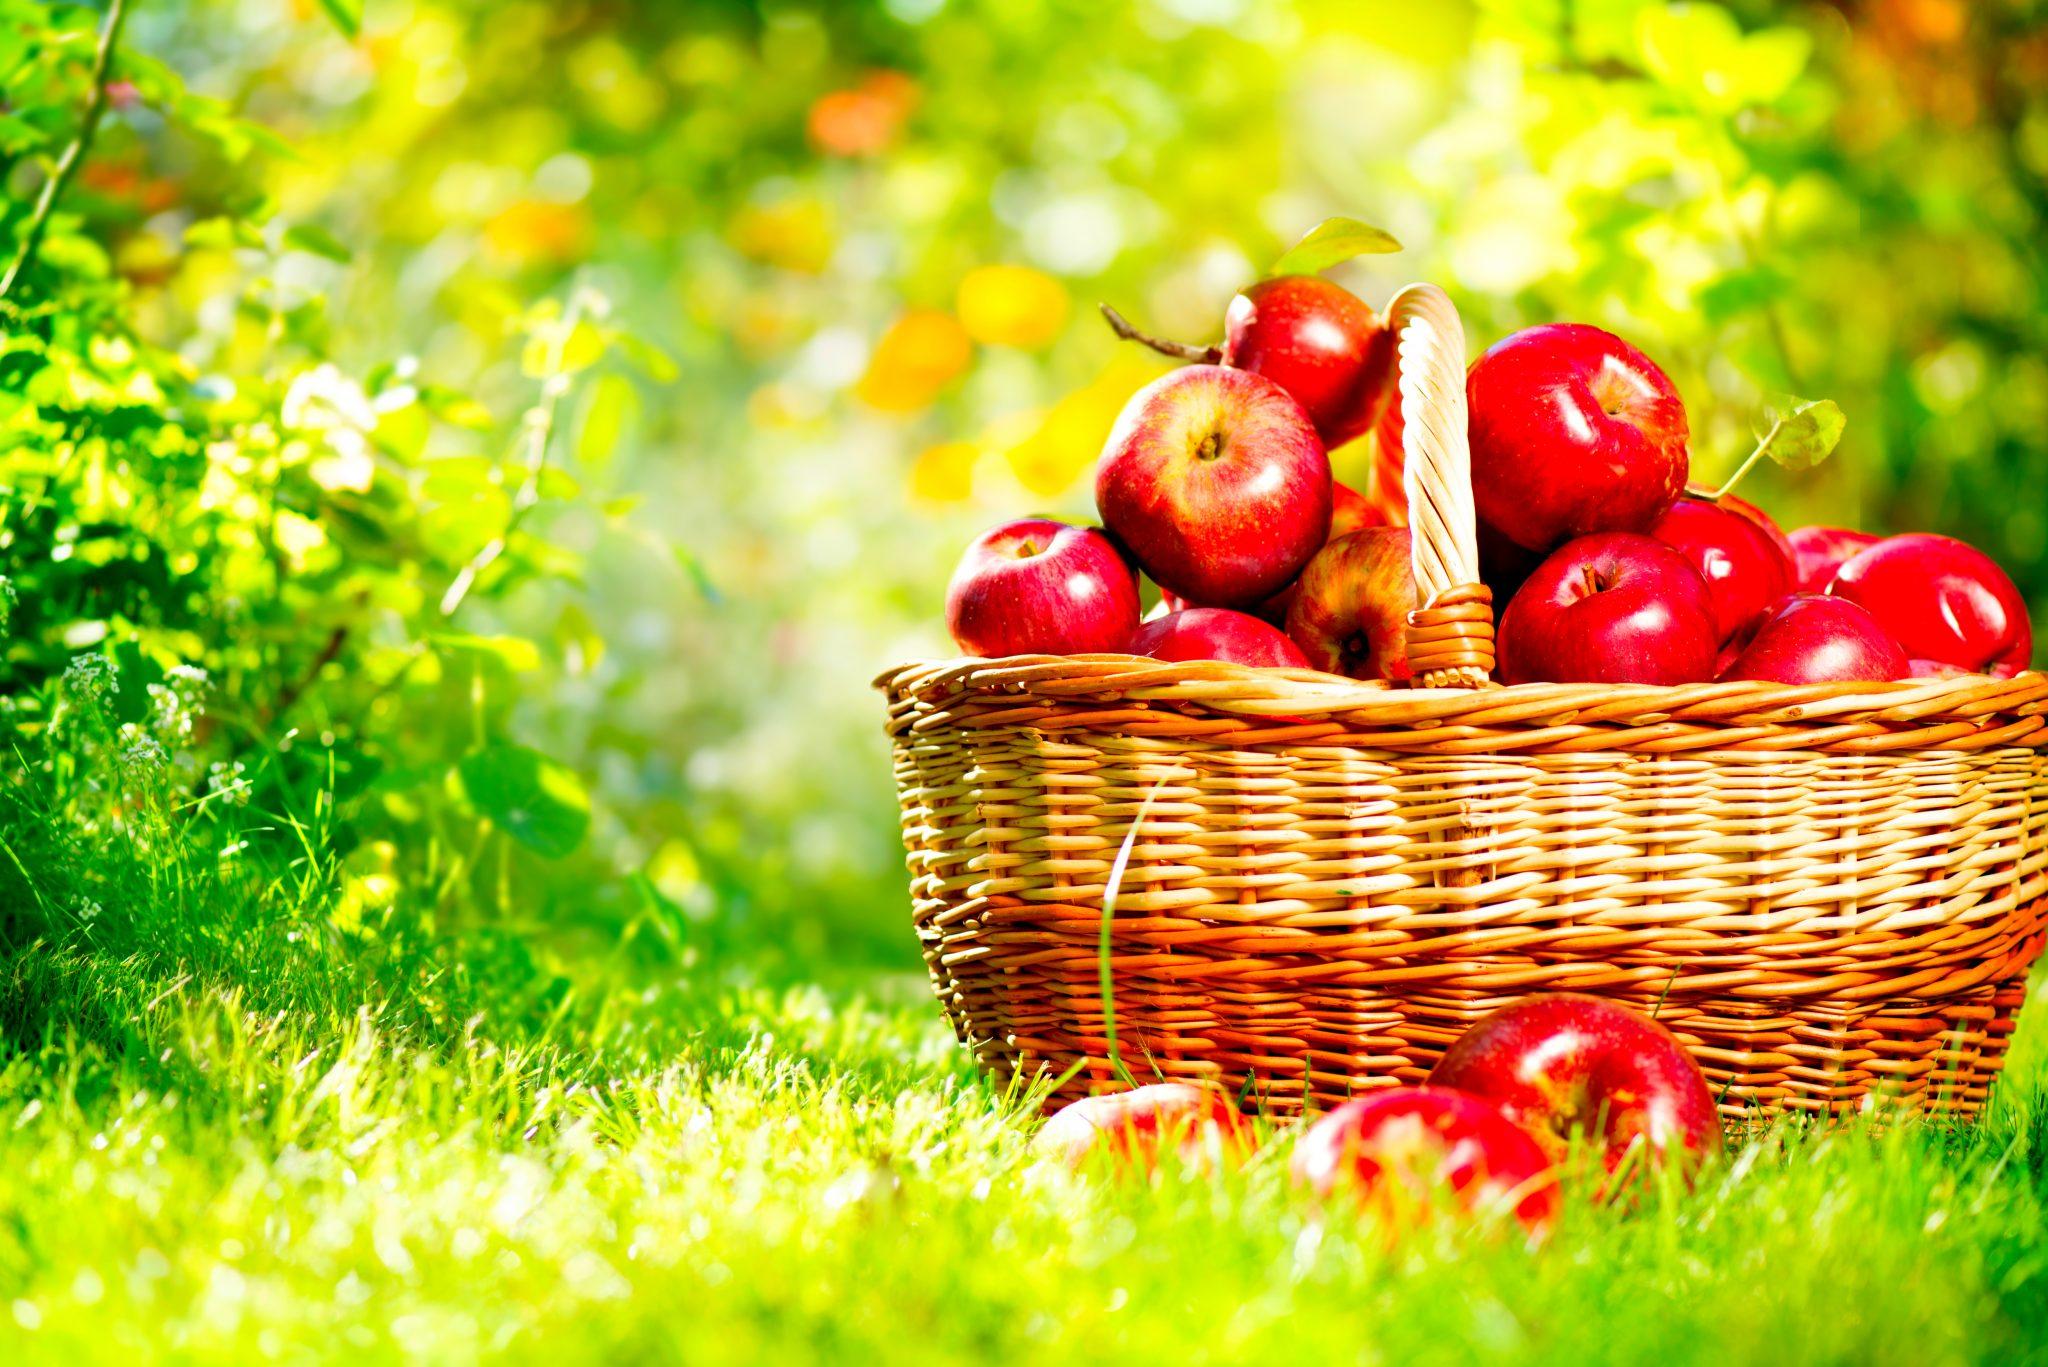 かごいっぱいに入ったリンゴ